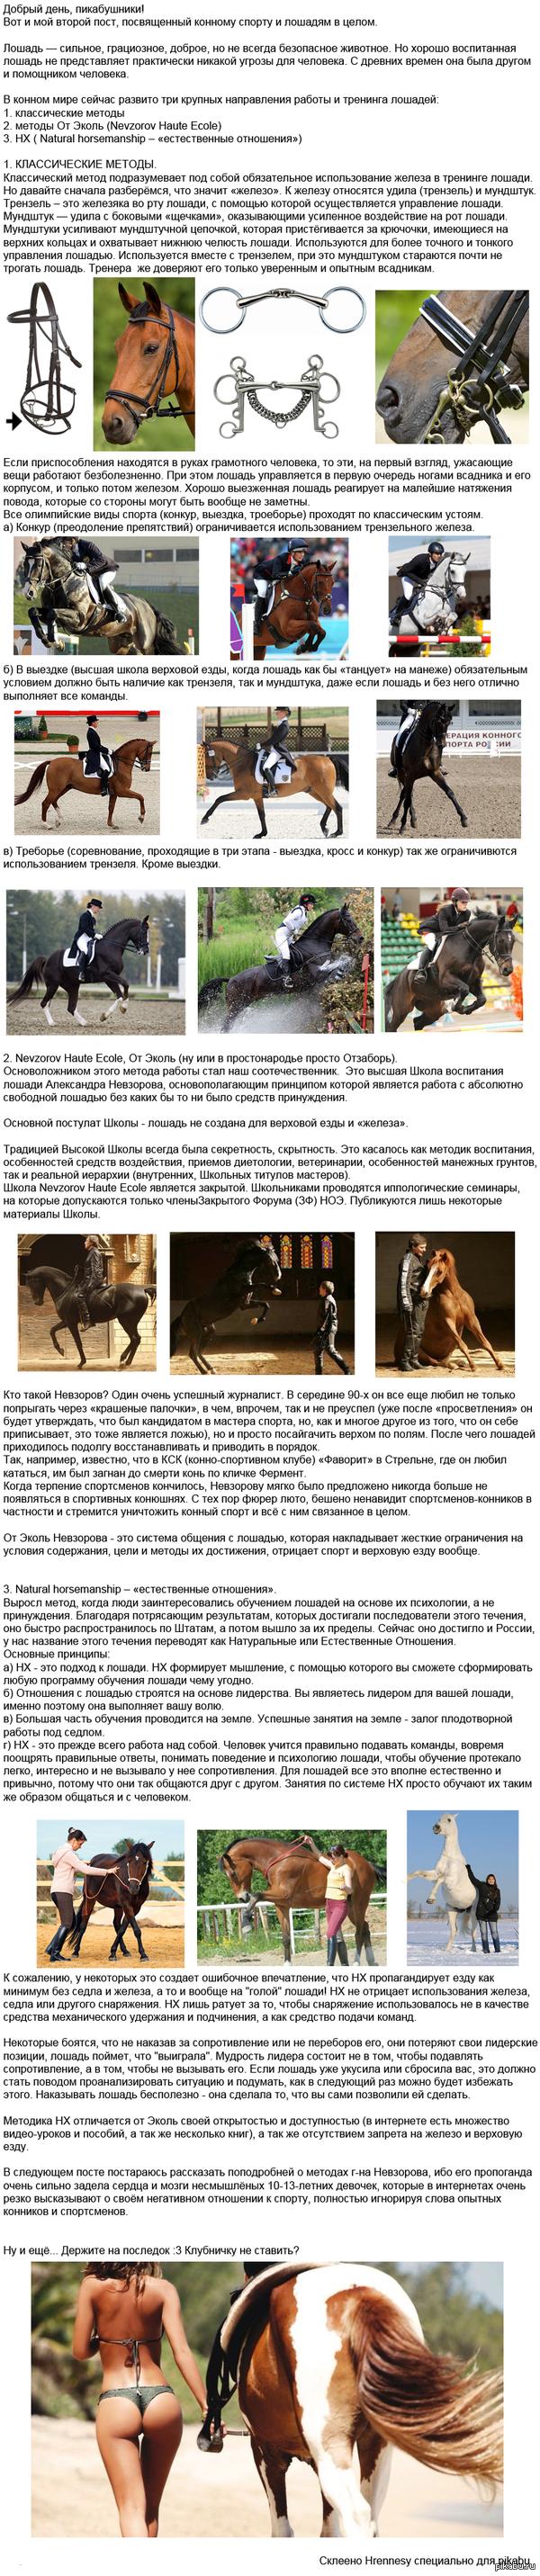 Методы тренинга лошадей. Решила рассказать о коняшах пикабу.Может кому-то будет интересно с: